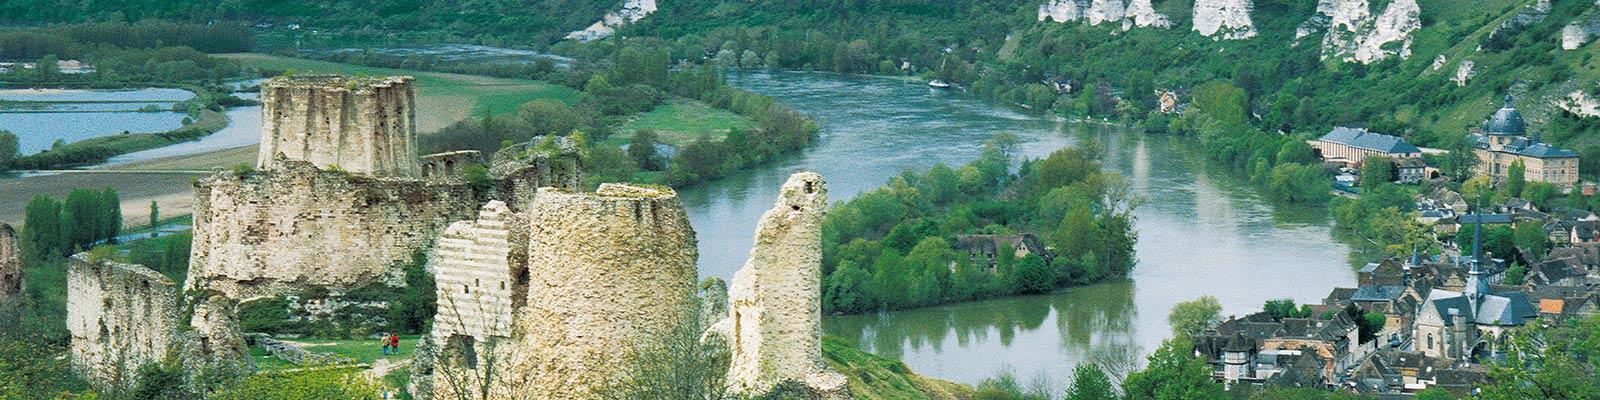 About Seine